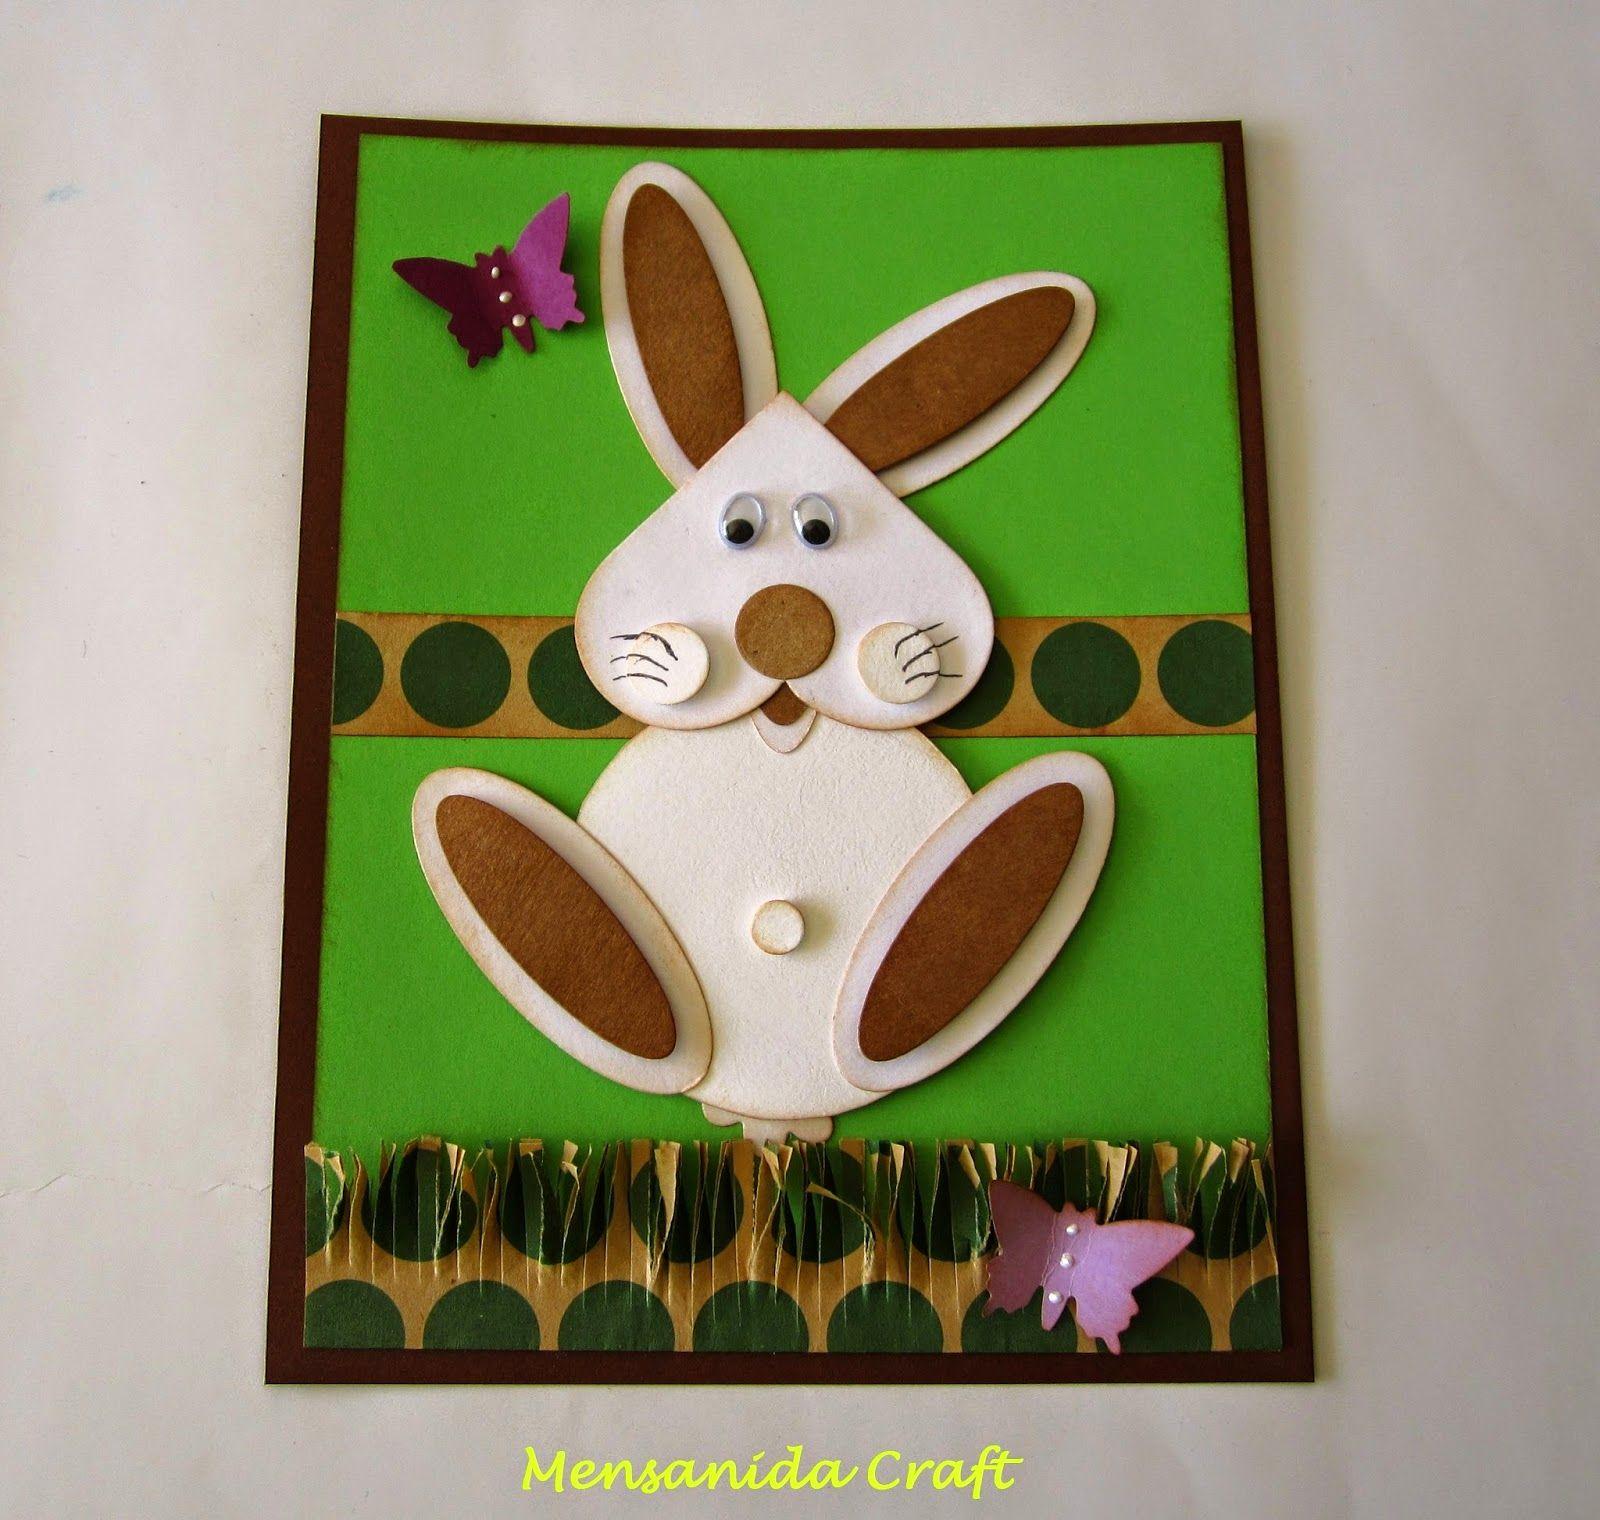 Mensanida craft: Felices Pascuas a todo el mundo!